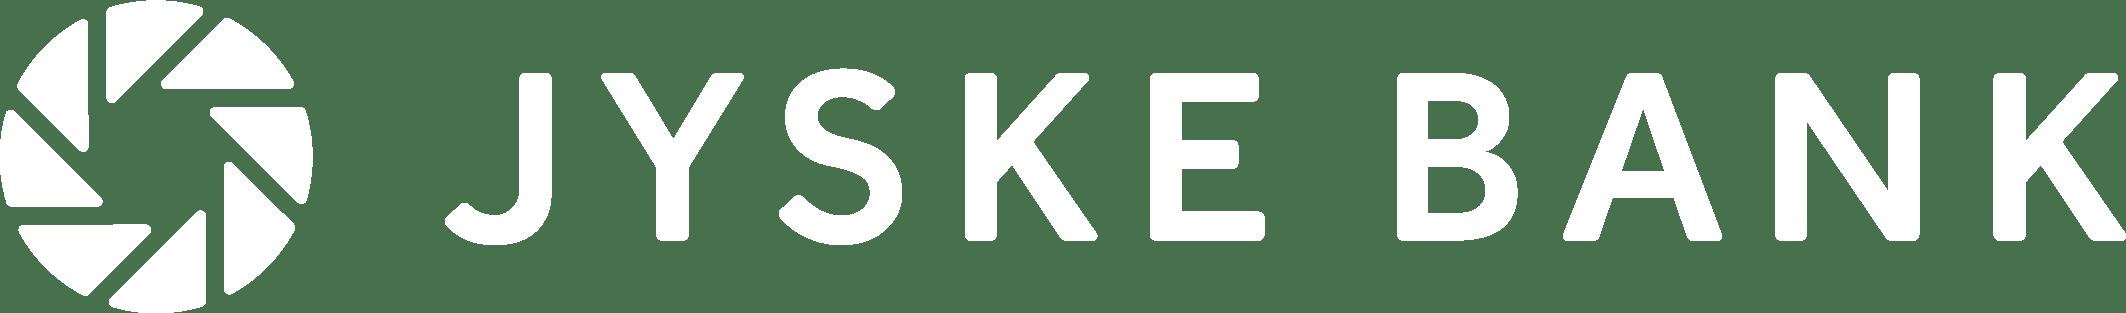 Ny fiberinfrastruktur fremtidssikrer Jyske Banks forretning